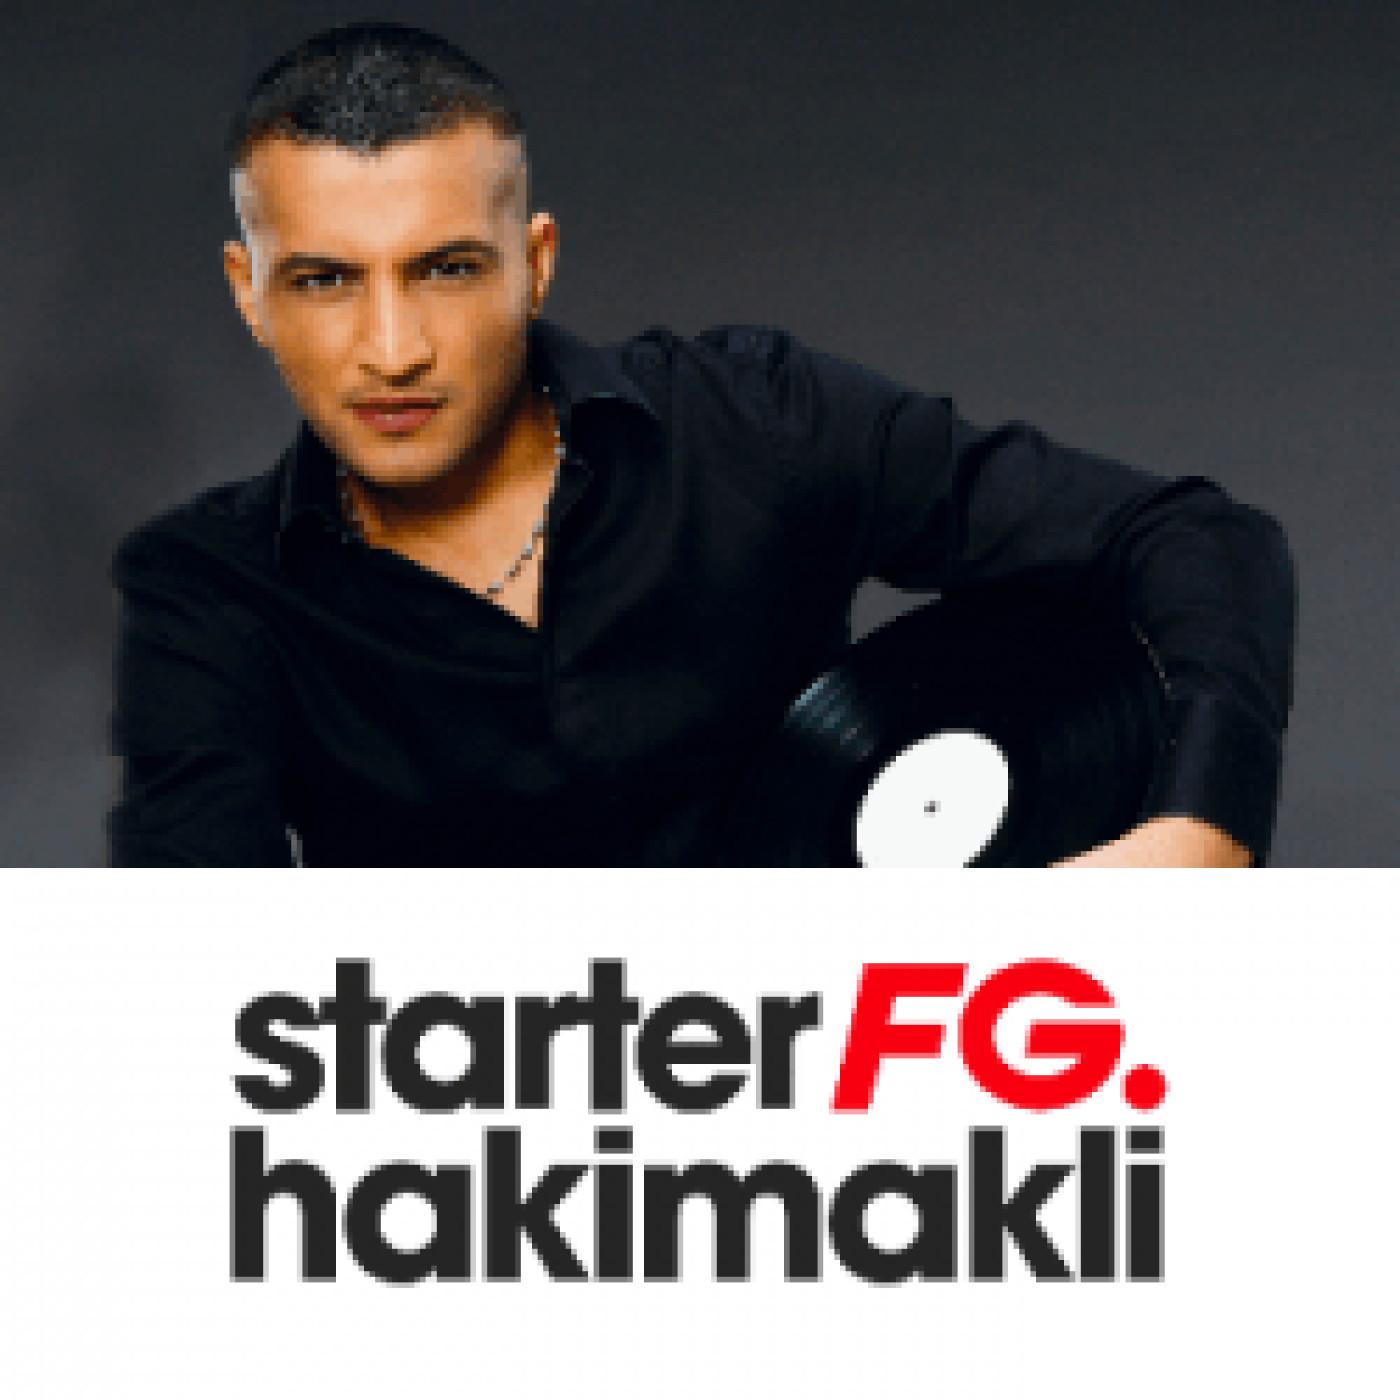 STARTER FG BY HAKIMAKLI JEUDI 27 AOUT 2020